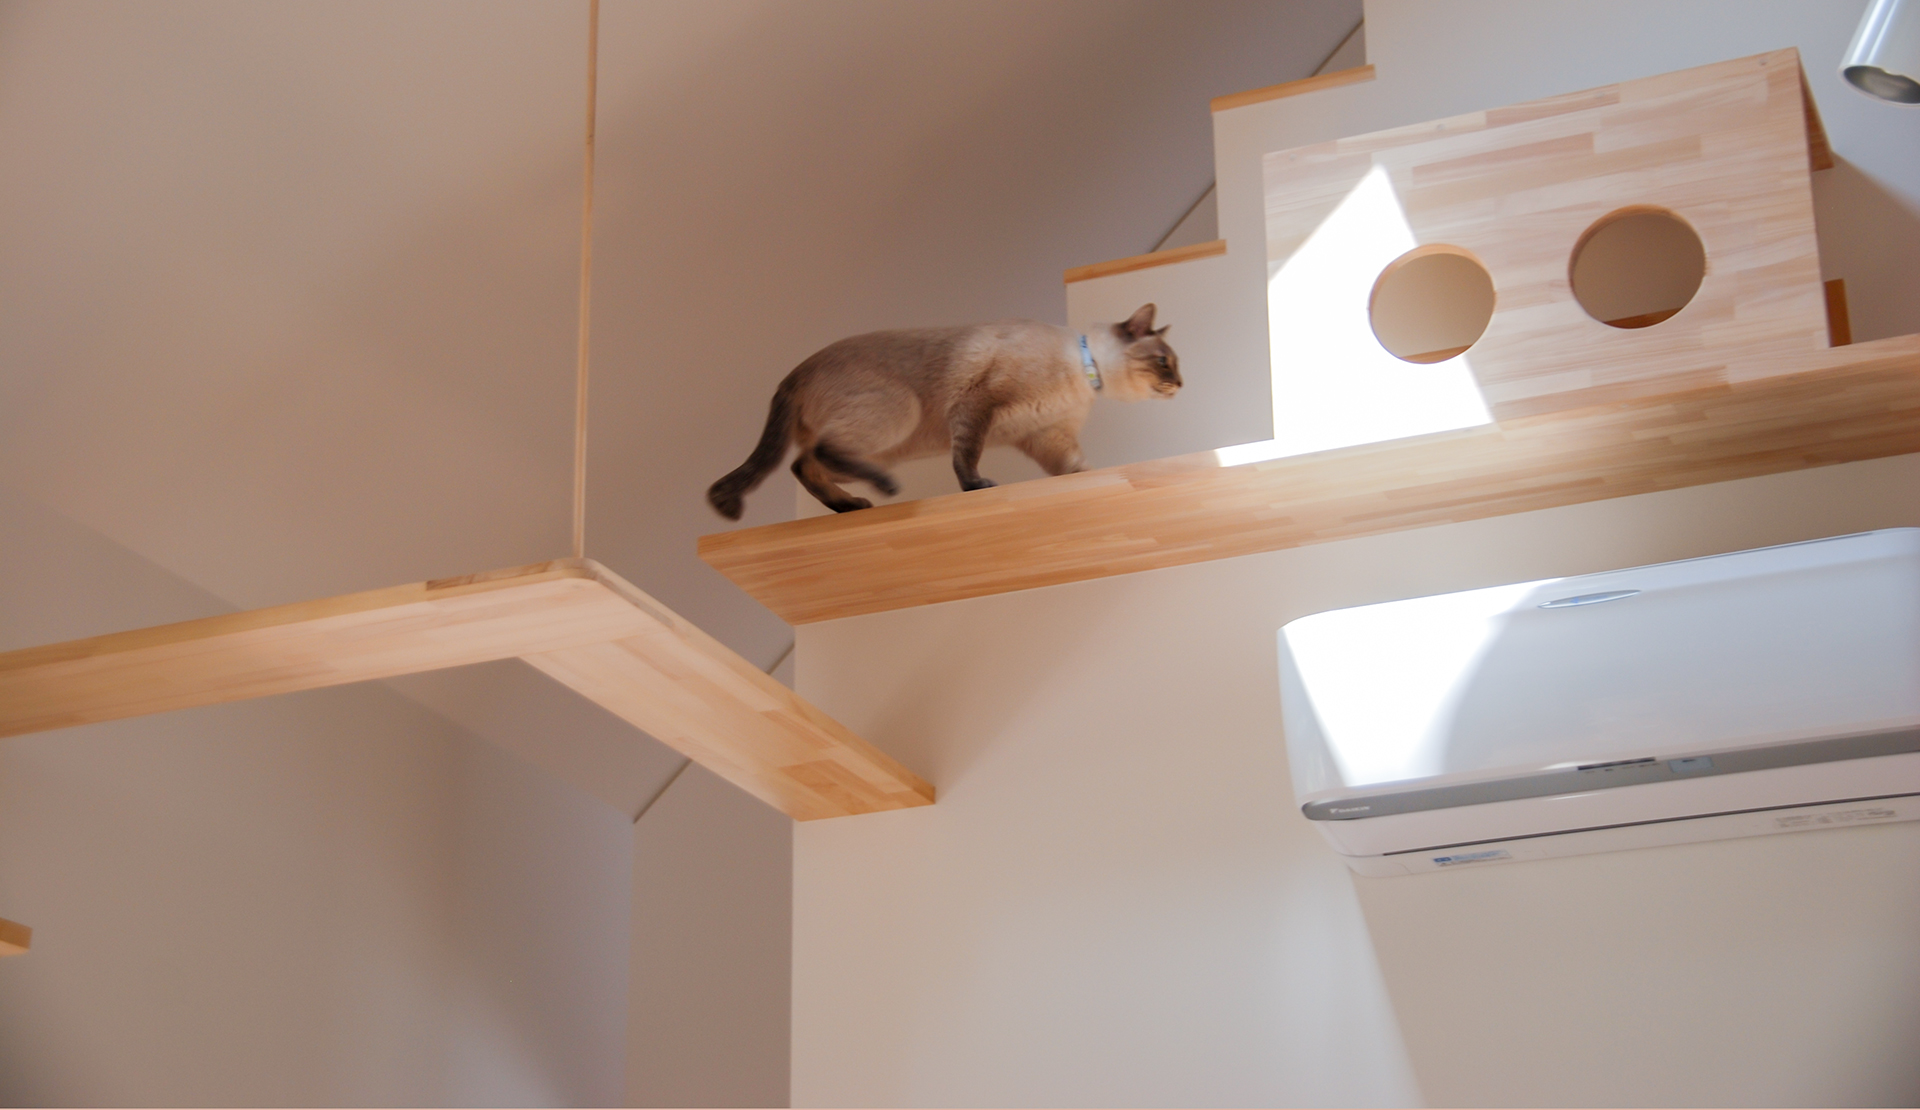 完全室内飼育「猫」の、住環境の質を高めるご提案。